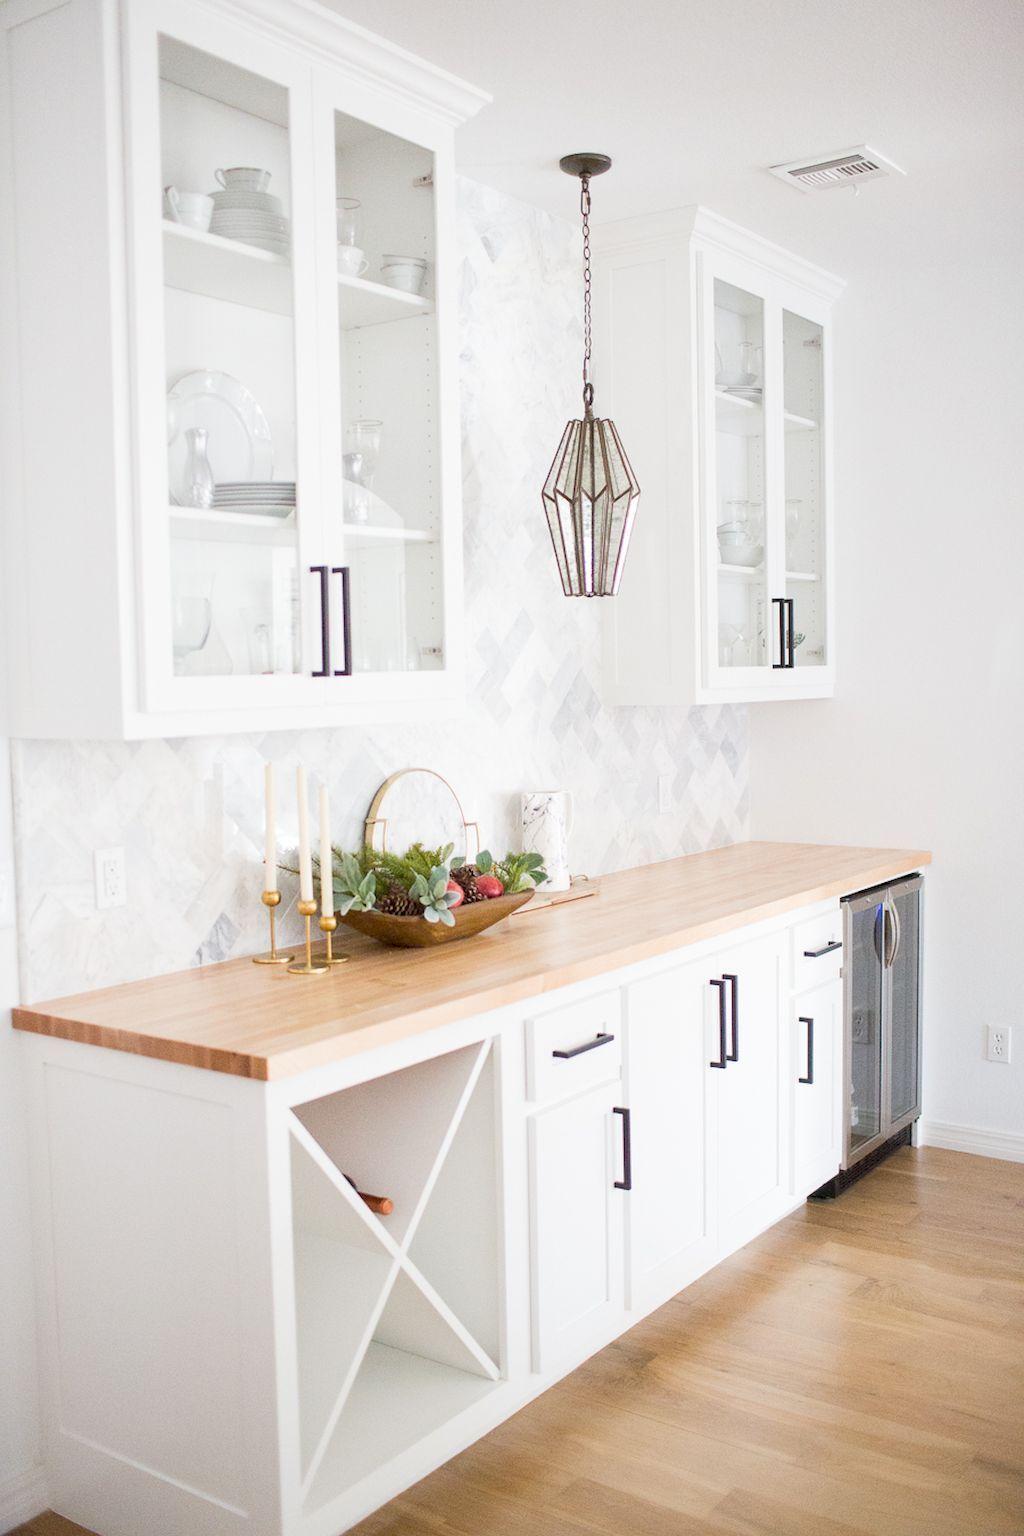 60 White Kitchen Decor for Farmhouse Style Ideas